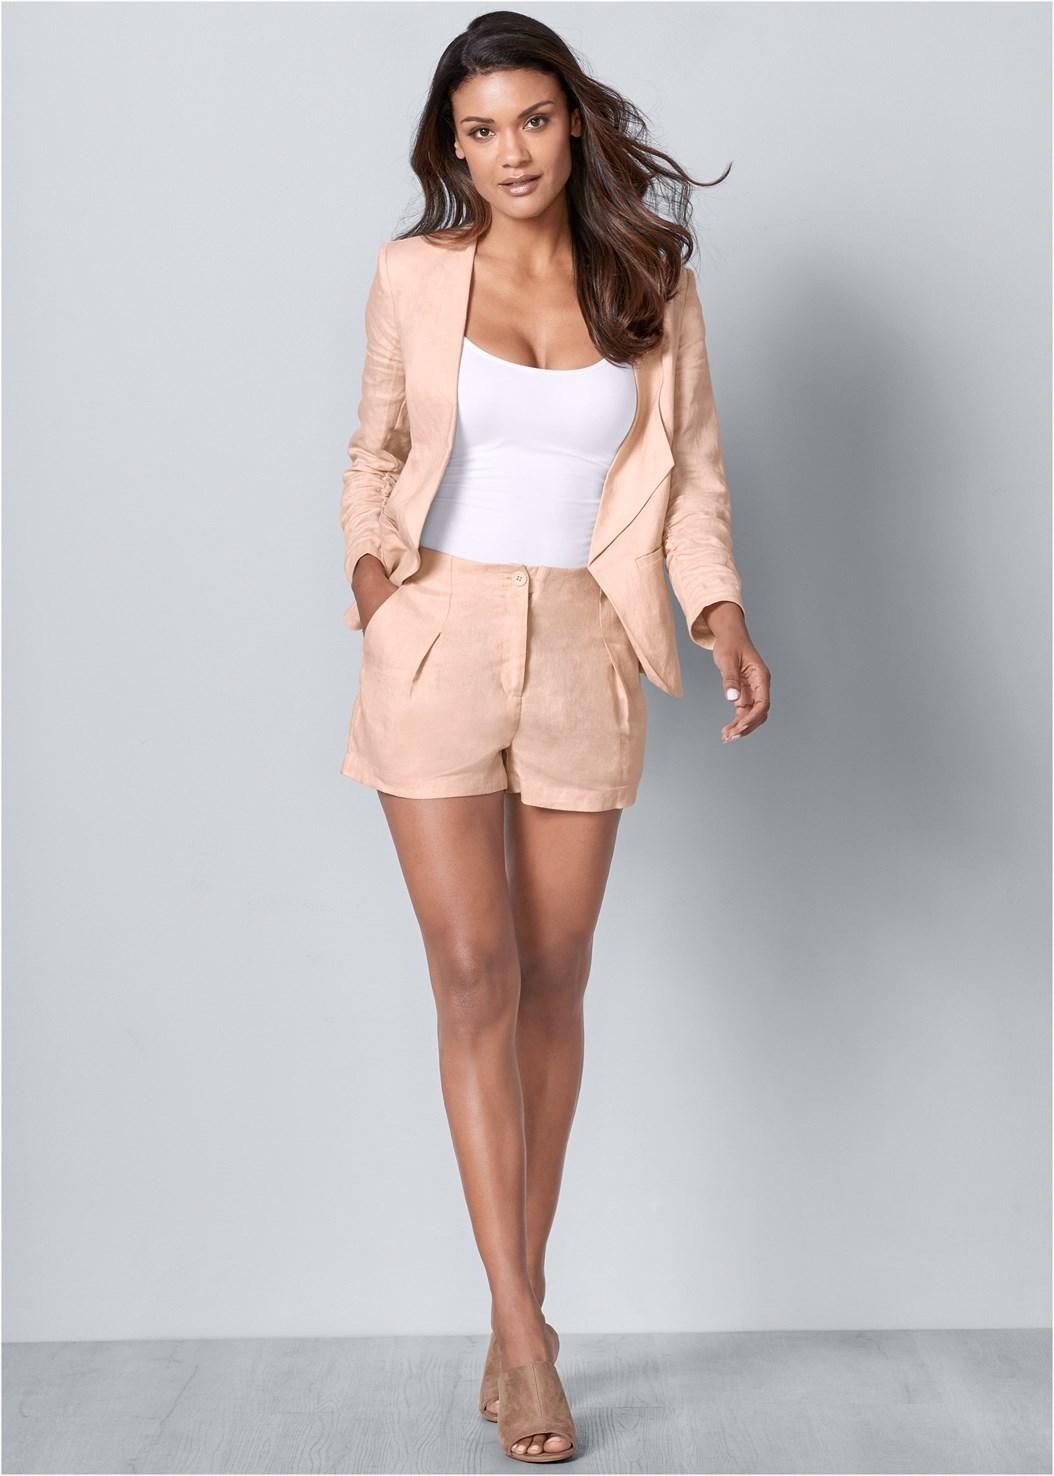 Linen Shorts,Linen Blazer